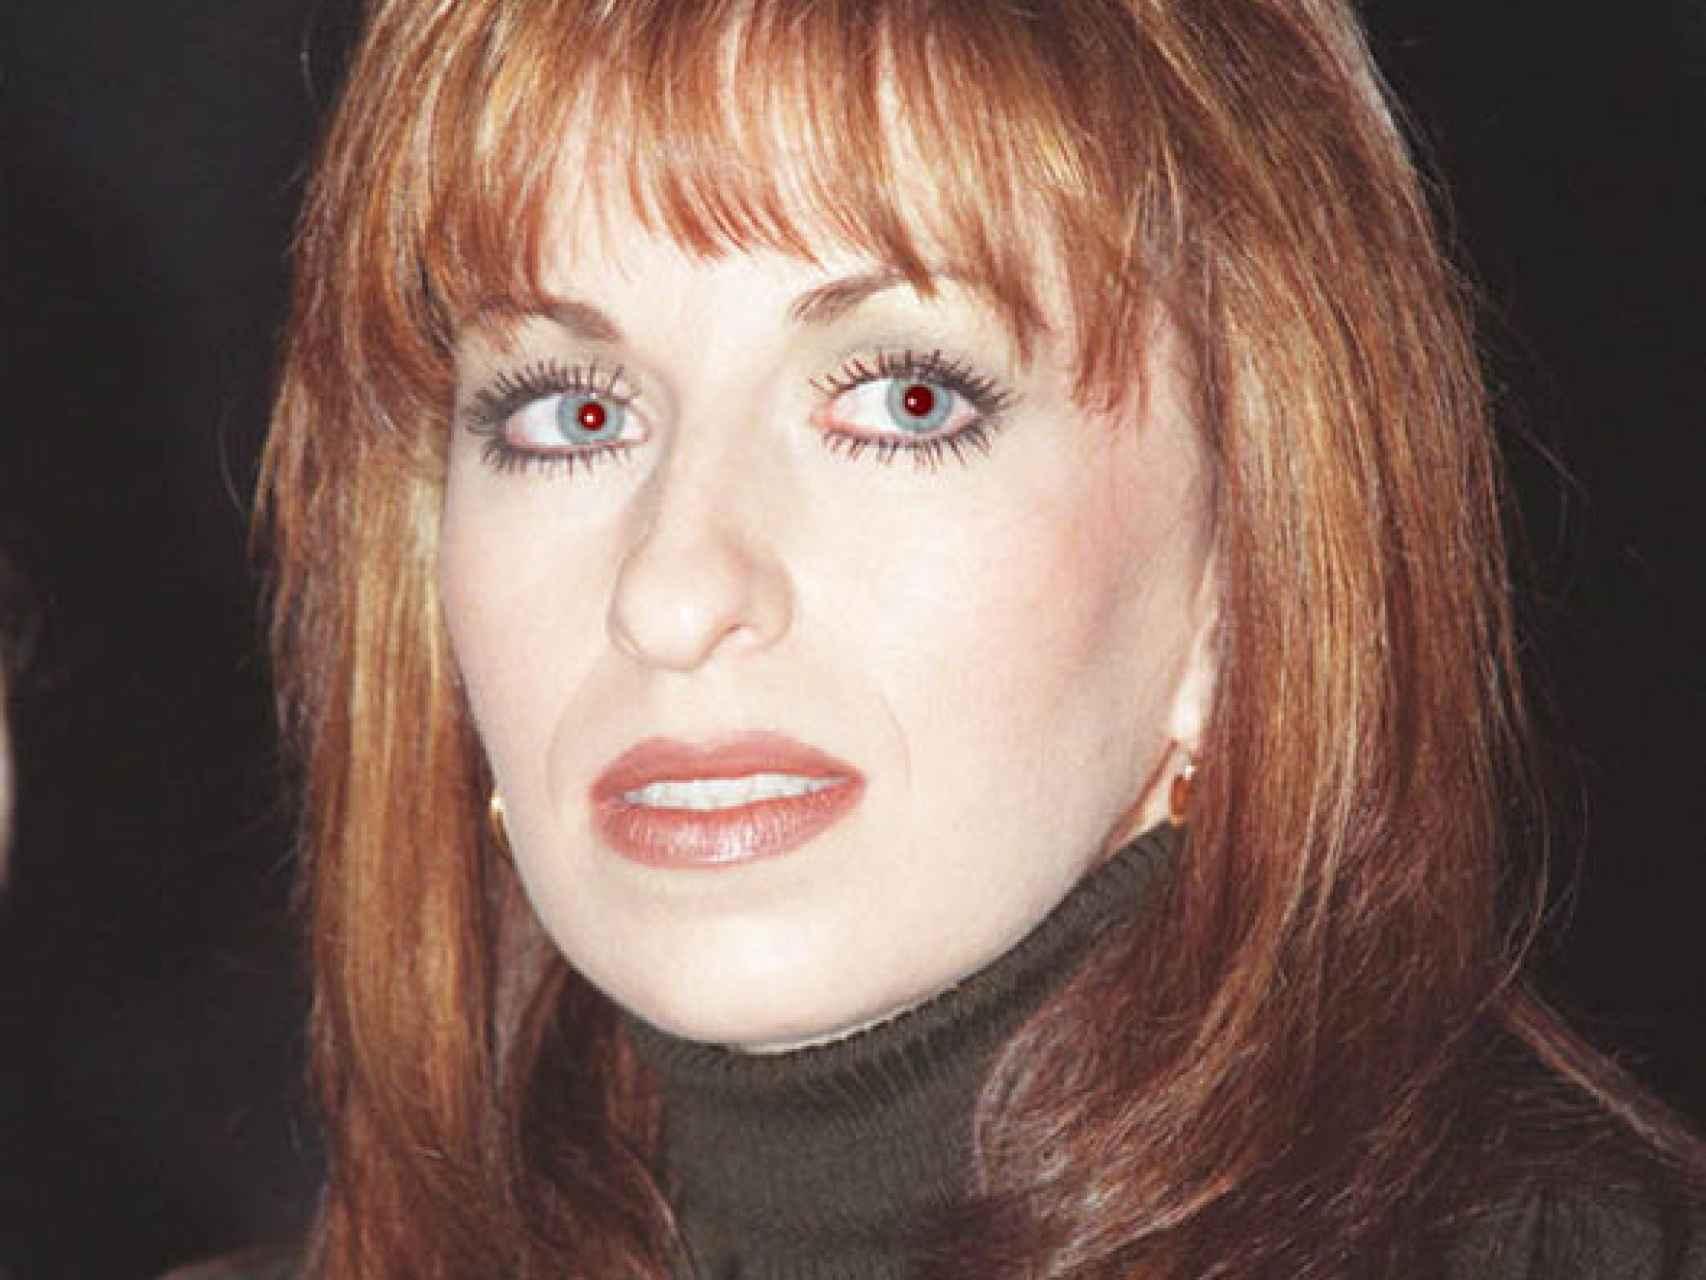 Paula Jones ha denunciato Nel 1991 Clinton ha proposto di fare sesso.